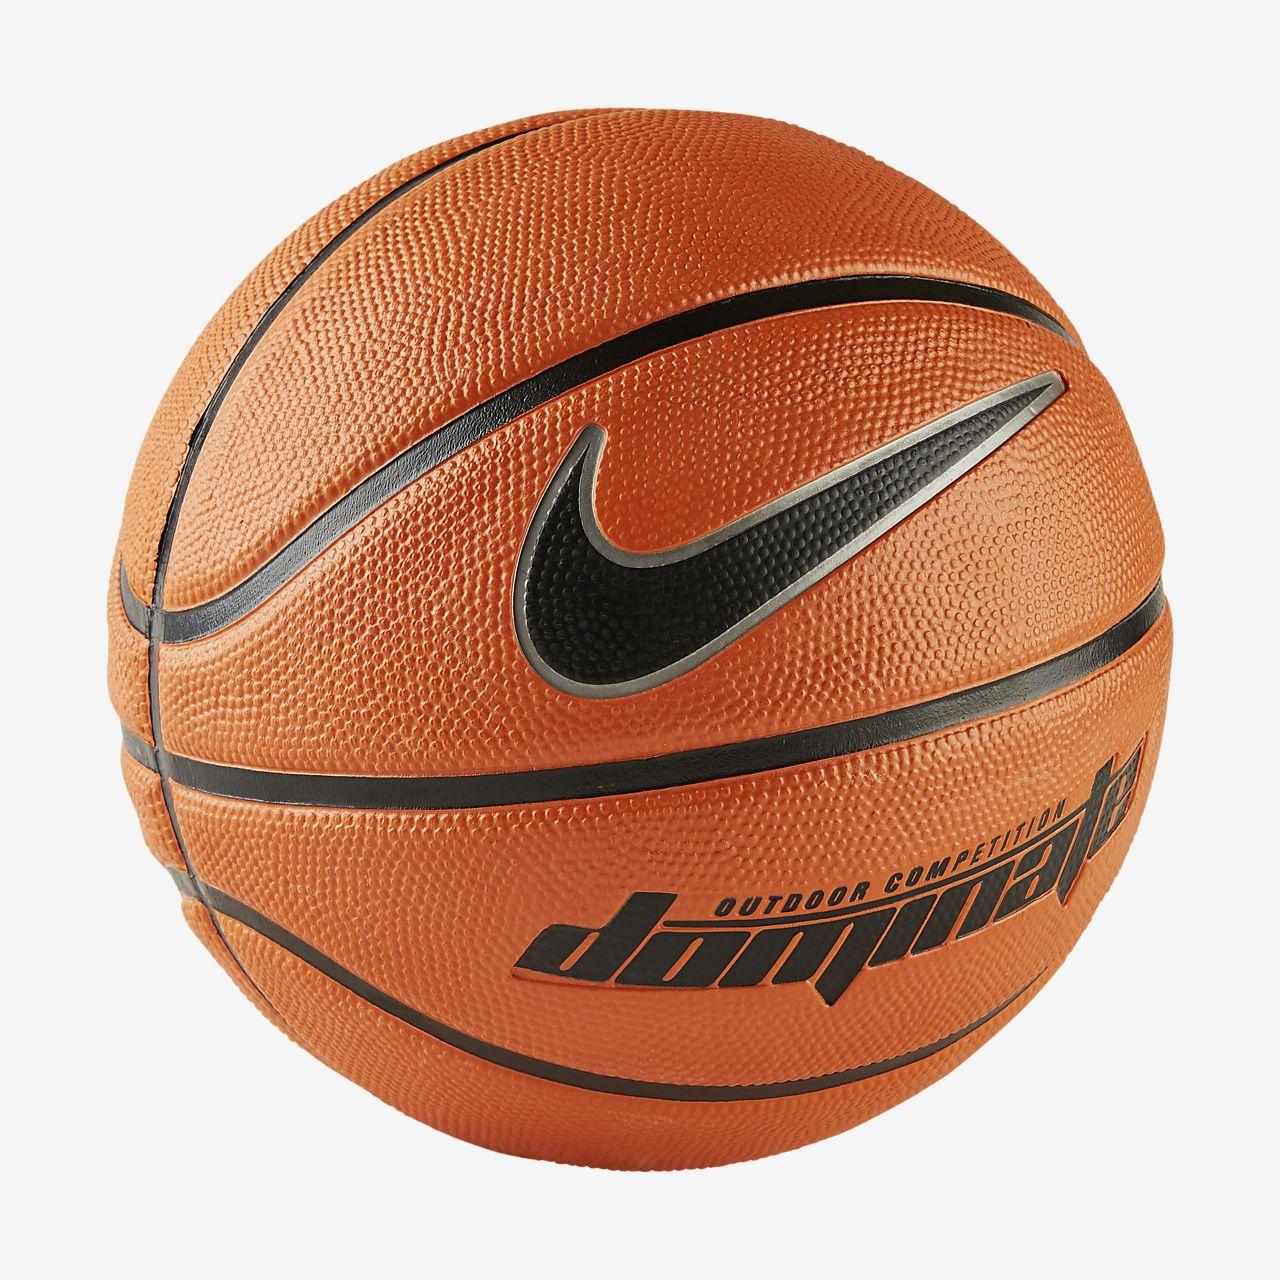 ナイキ ドミネート 8P バスケットボール